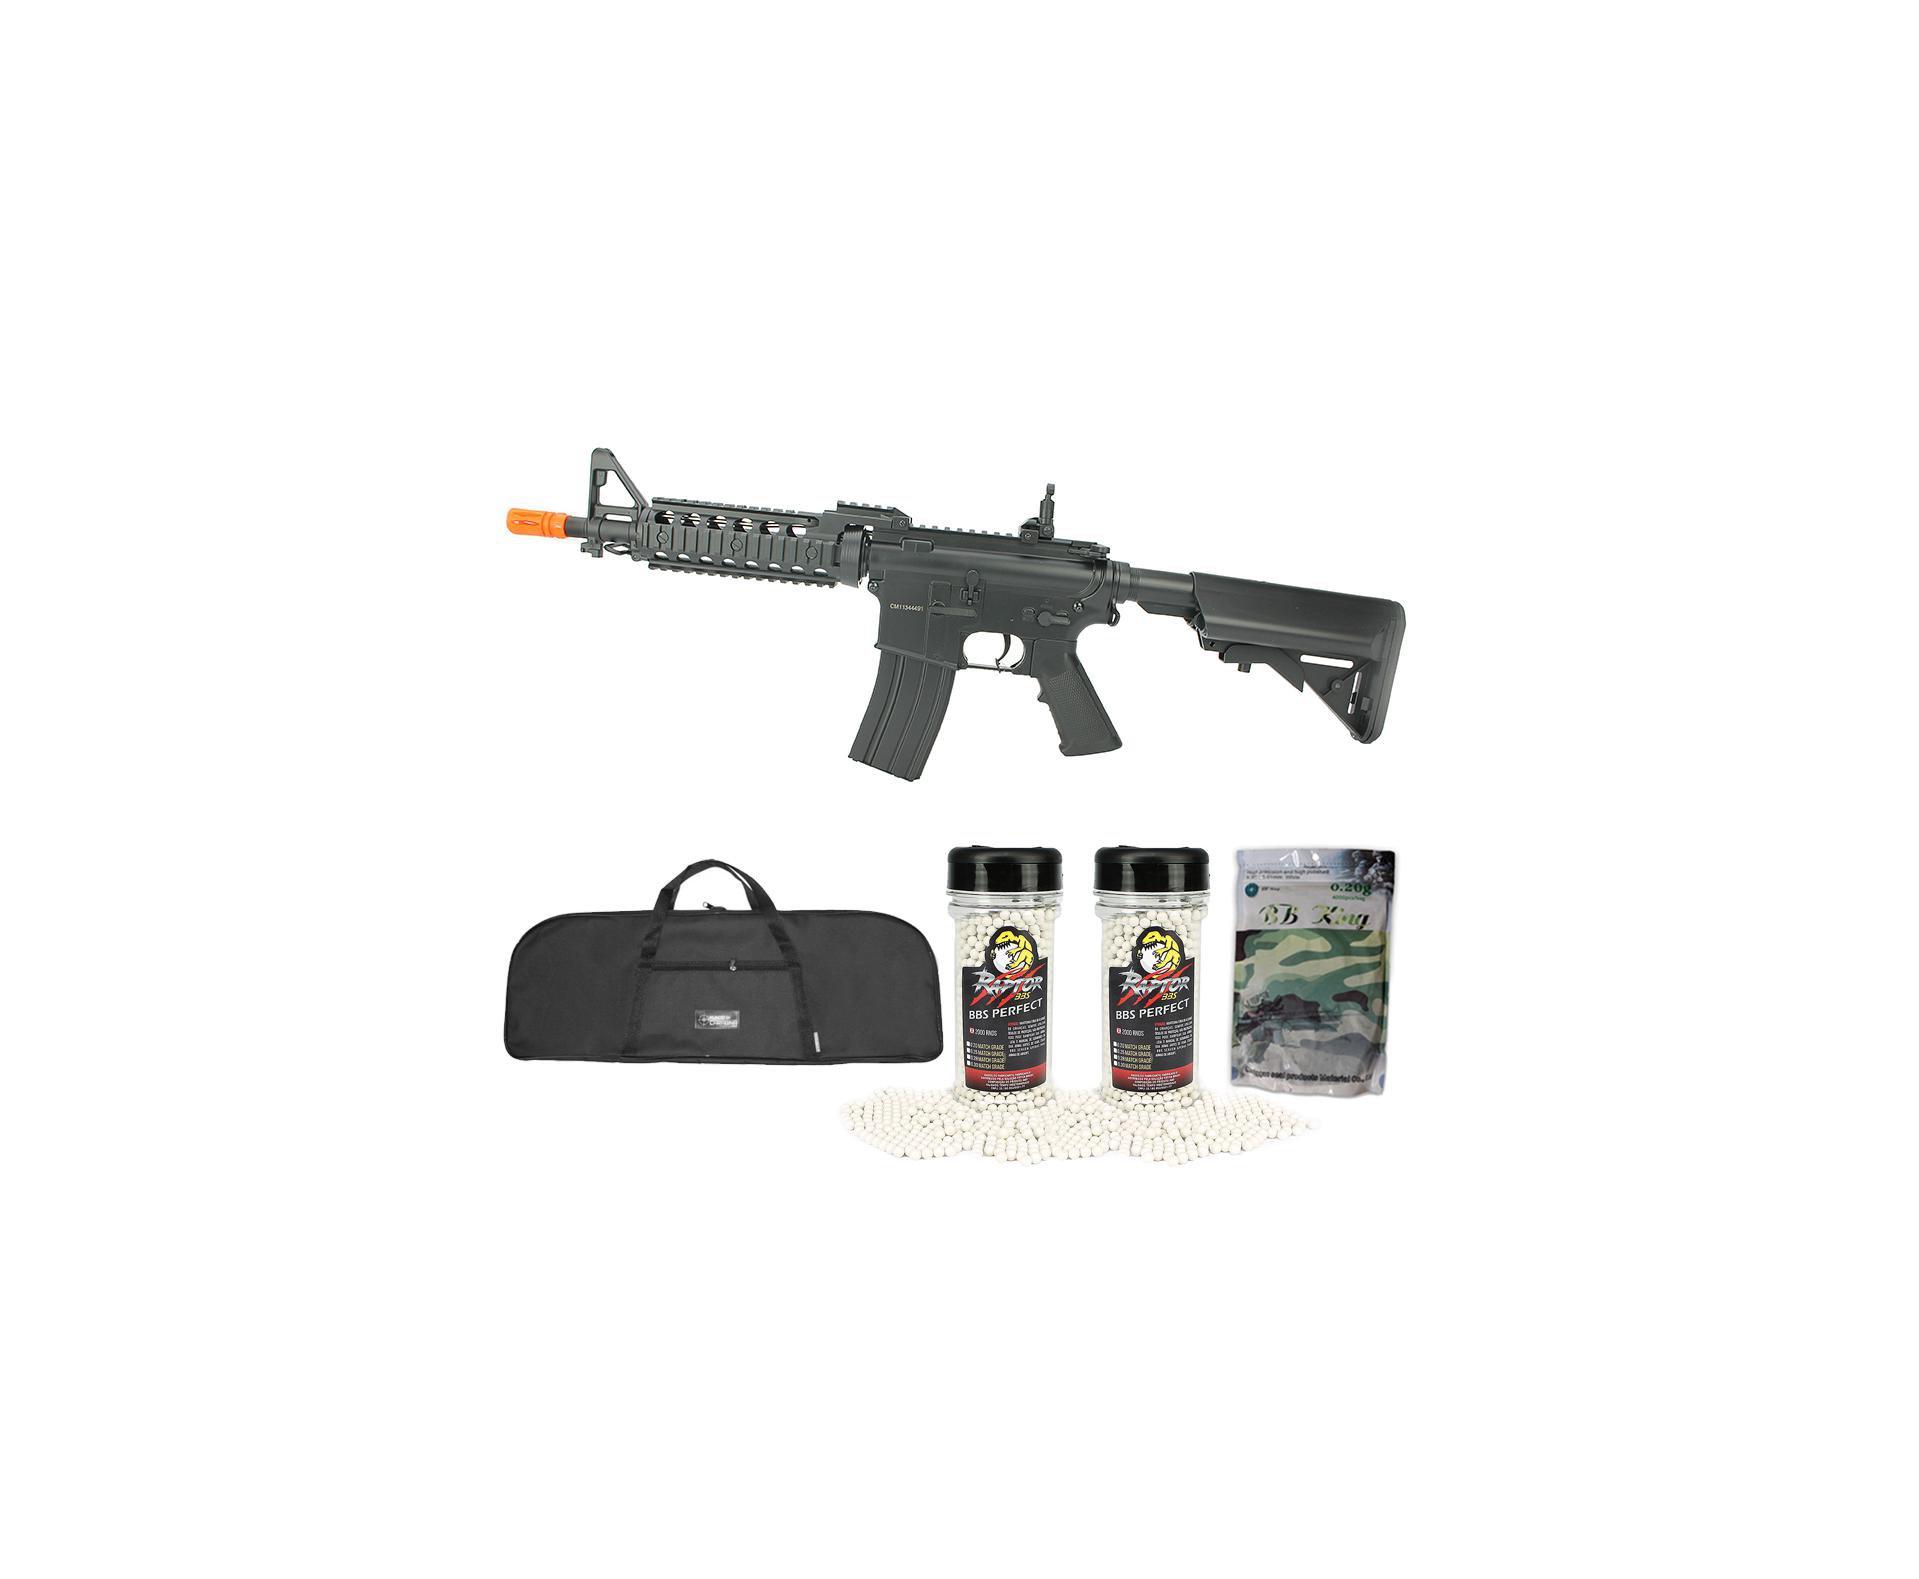 Rifle De Airsoft M4 Ras Ii Cyma Cm505 Cal 6,0mm Bivolt + Capa Simples + 8000 Bbs Munição